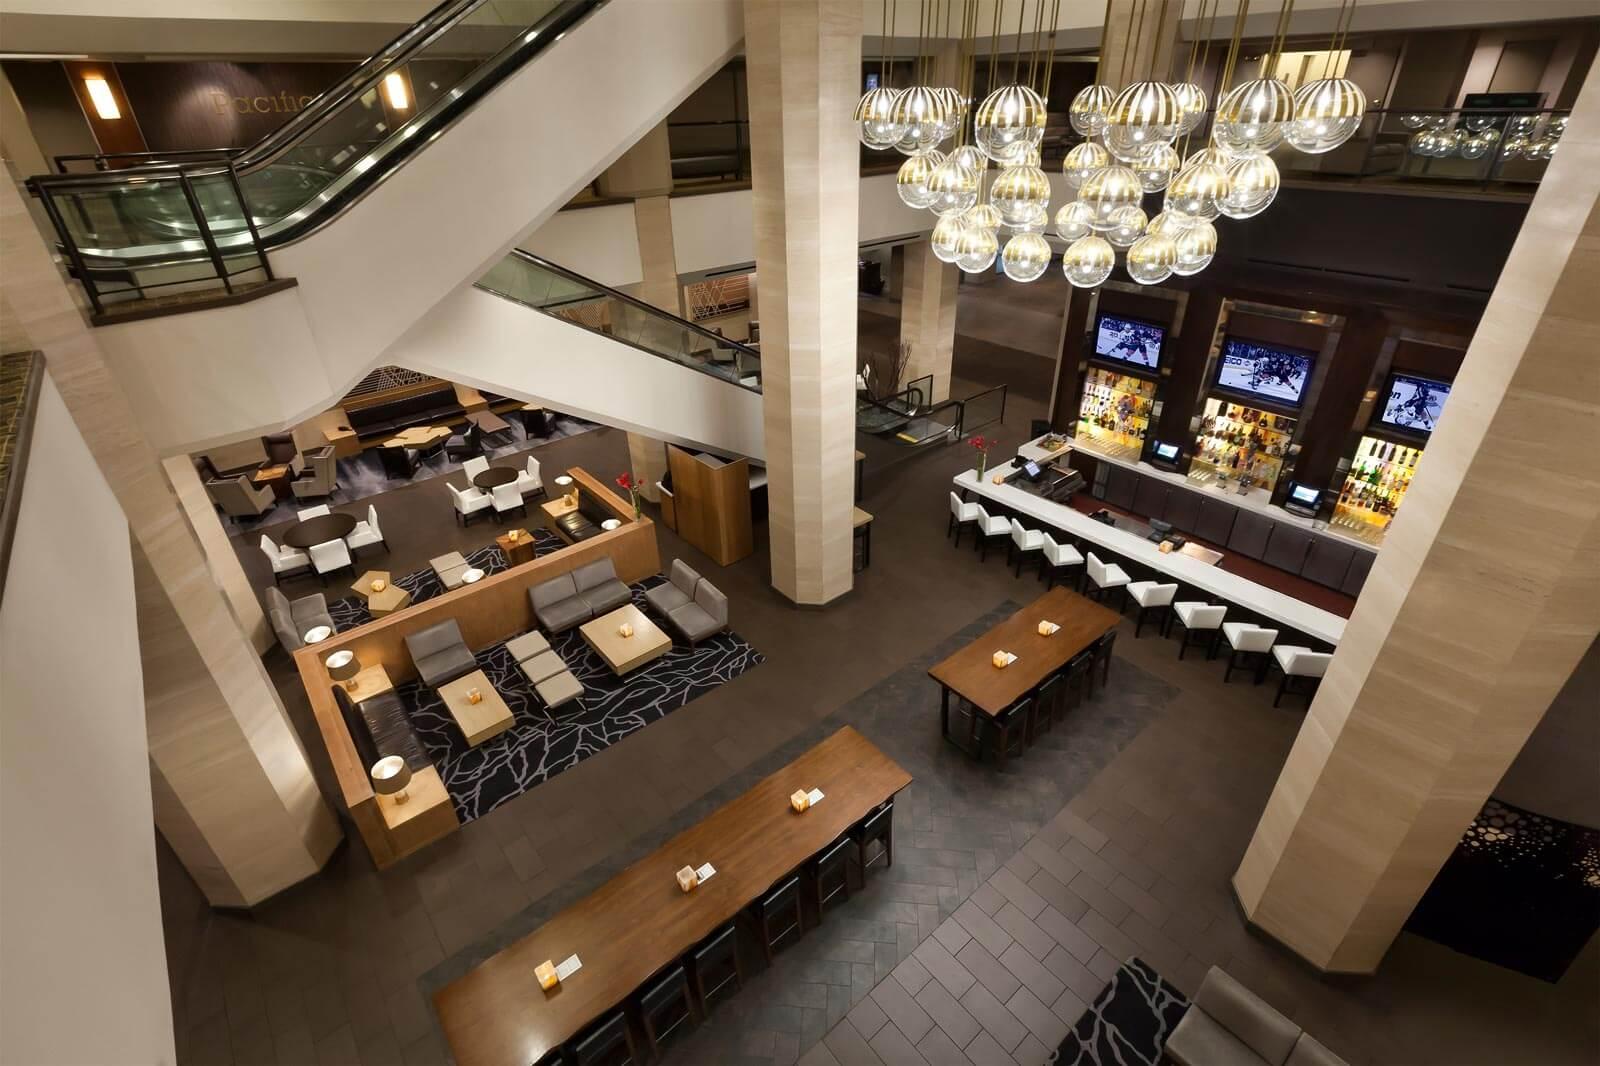 Anaheim Hilton Lobby